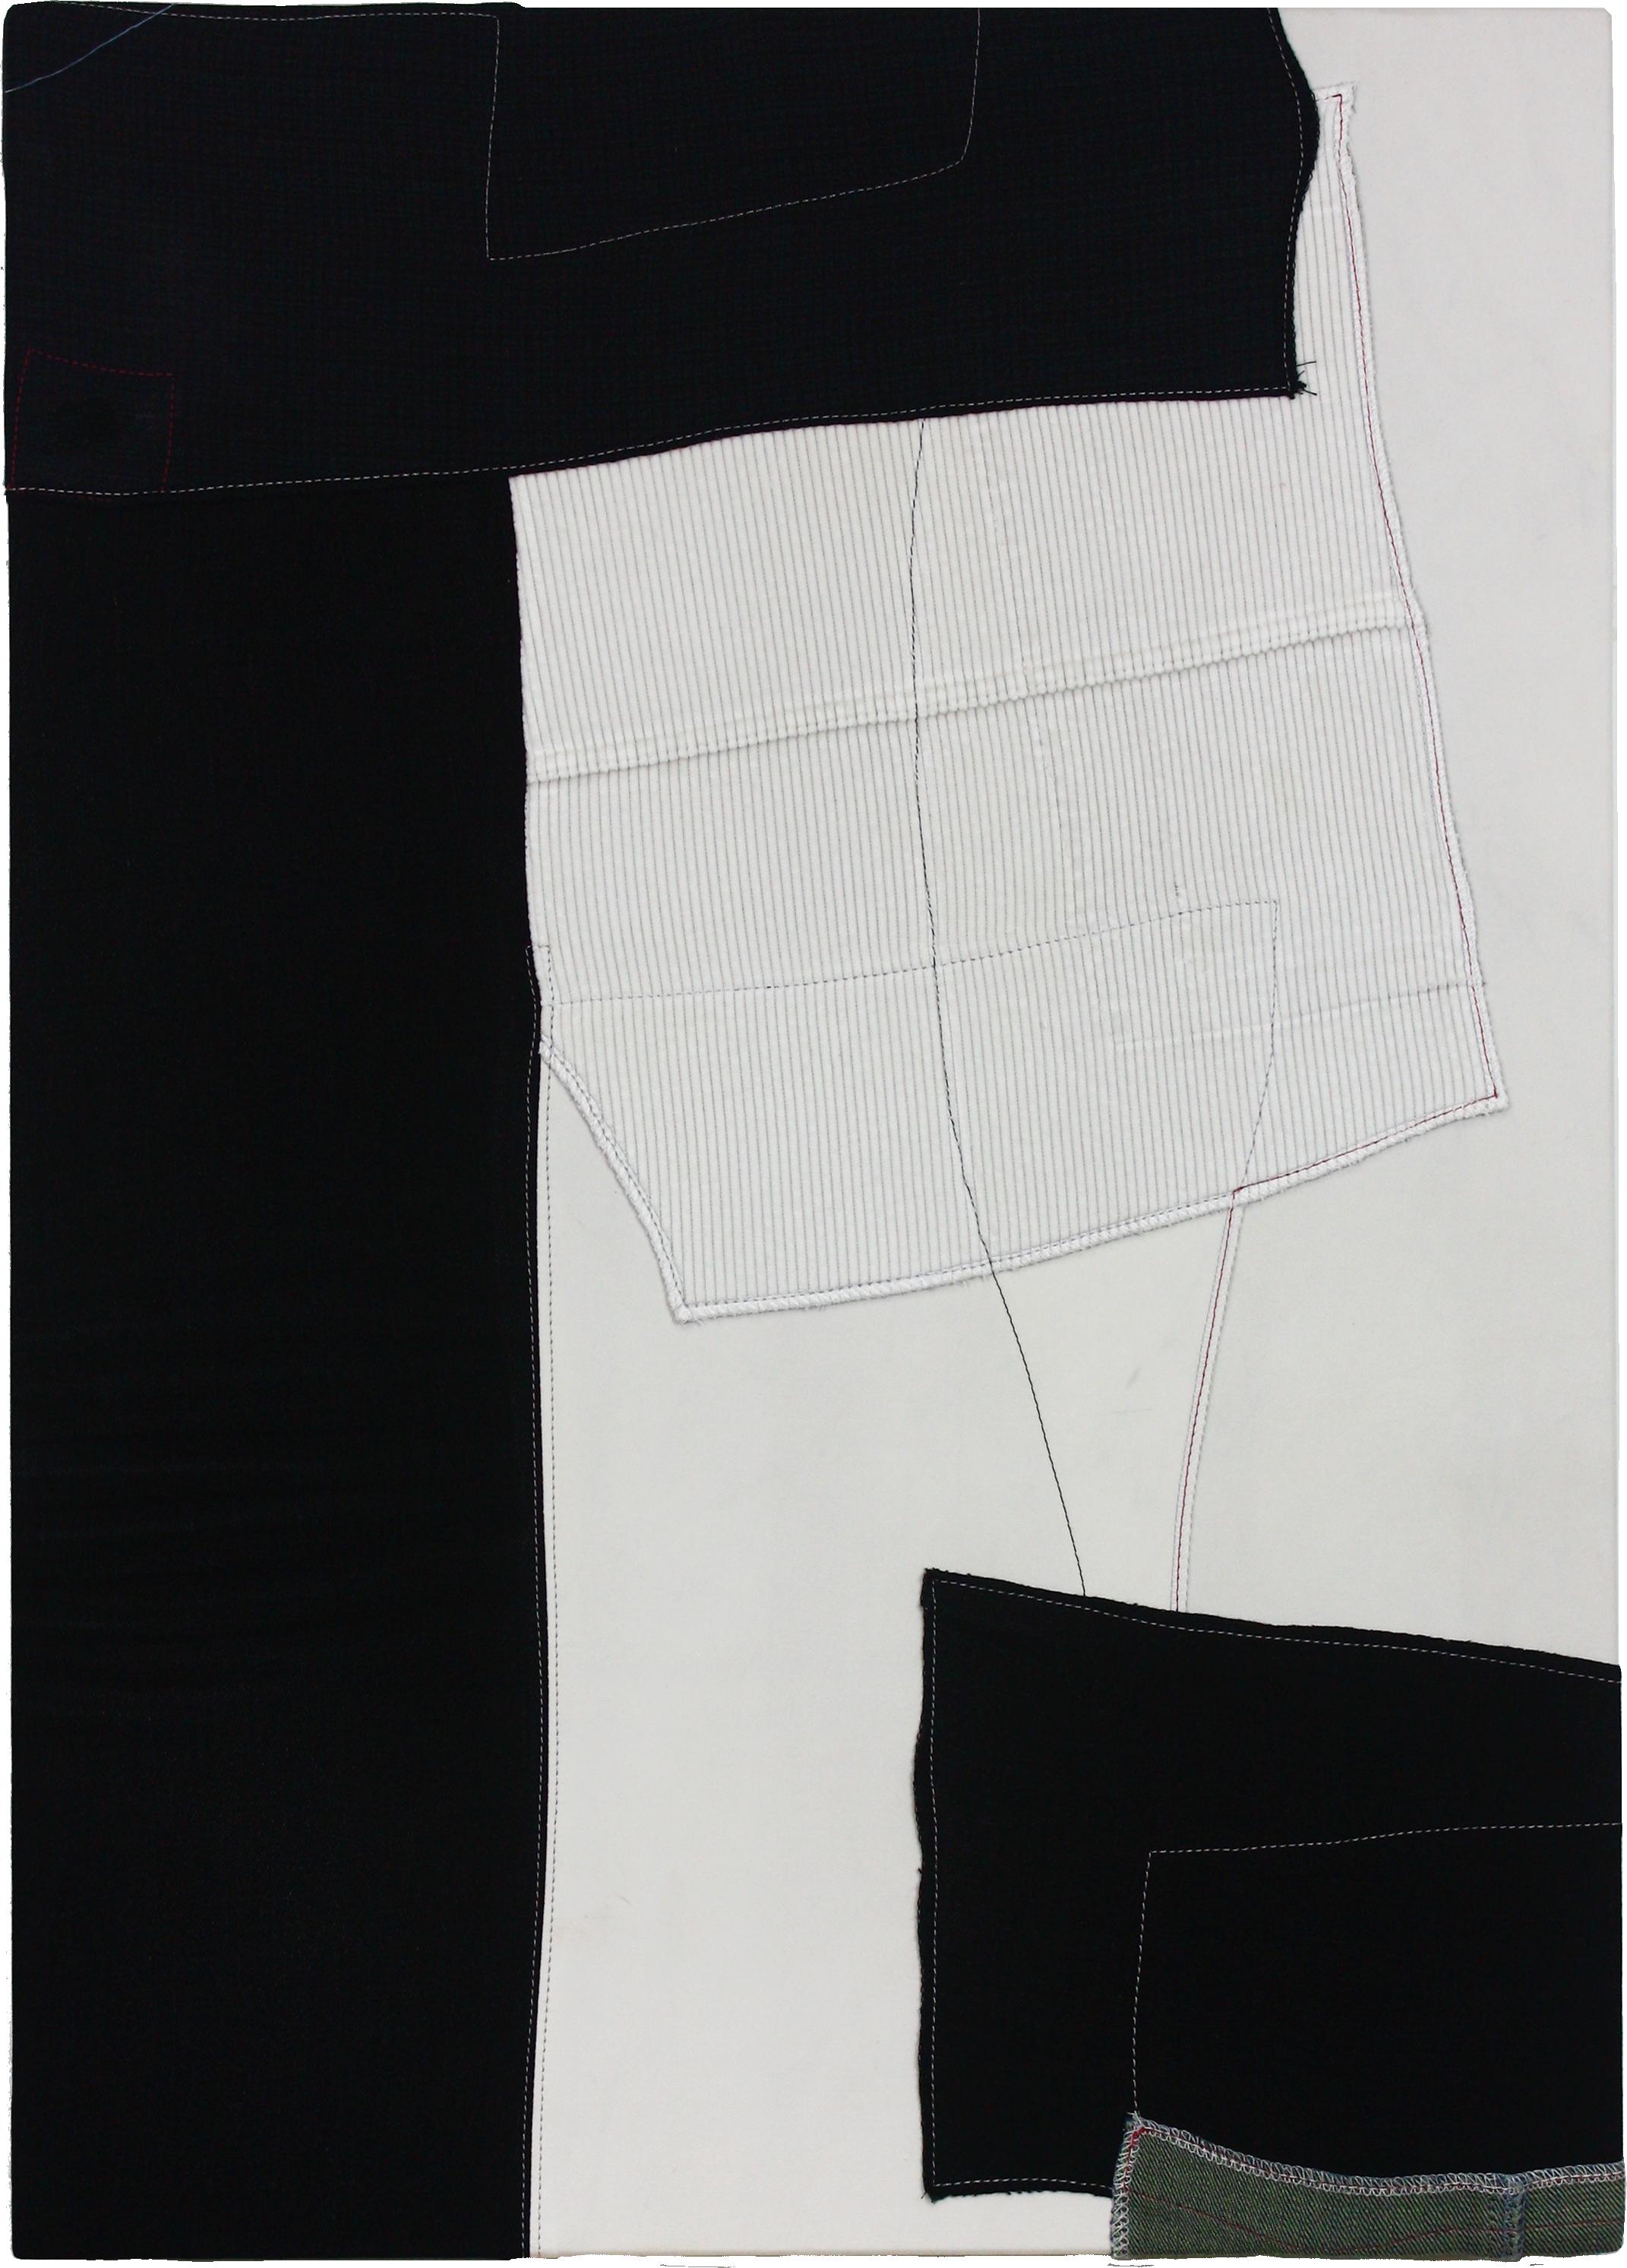 canvas-SISTER2(캔버스자매), 2017, fabric on canvas, 54x72cm